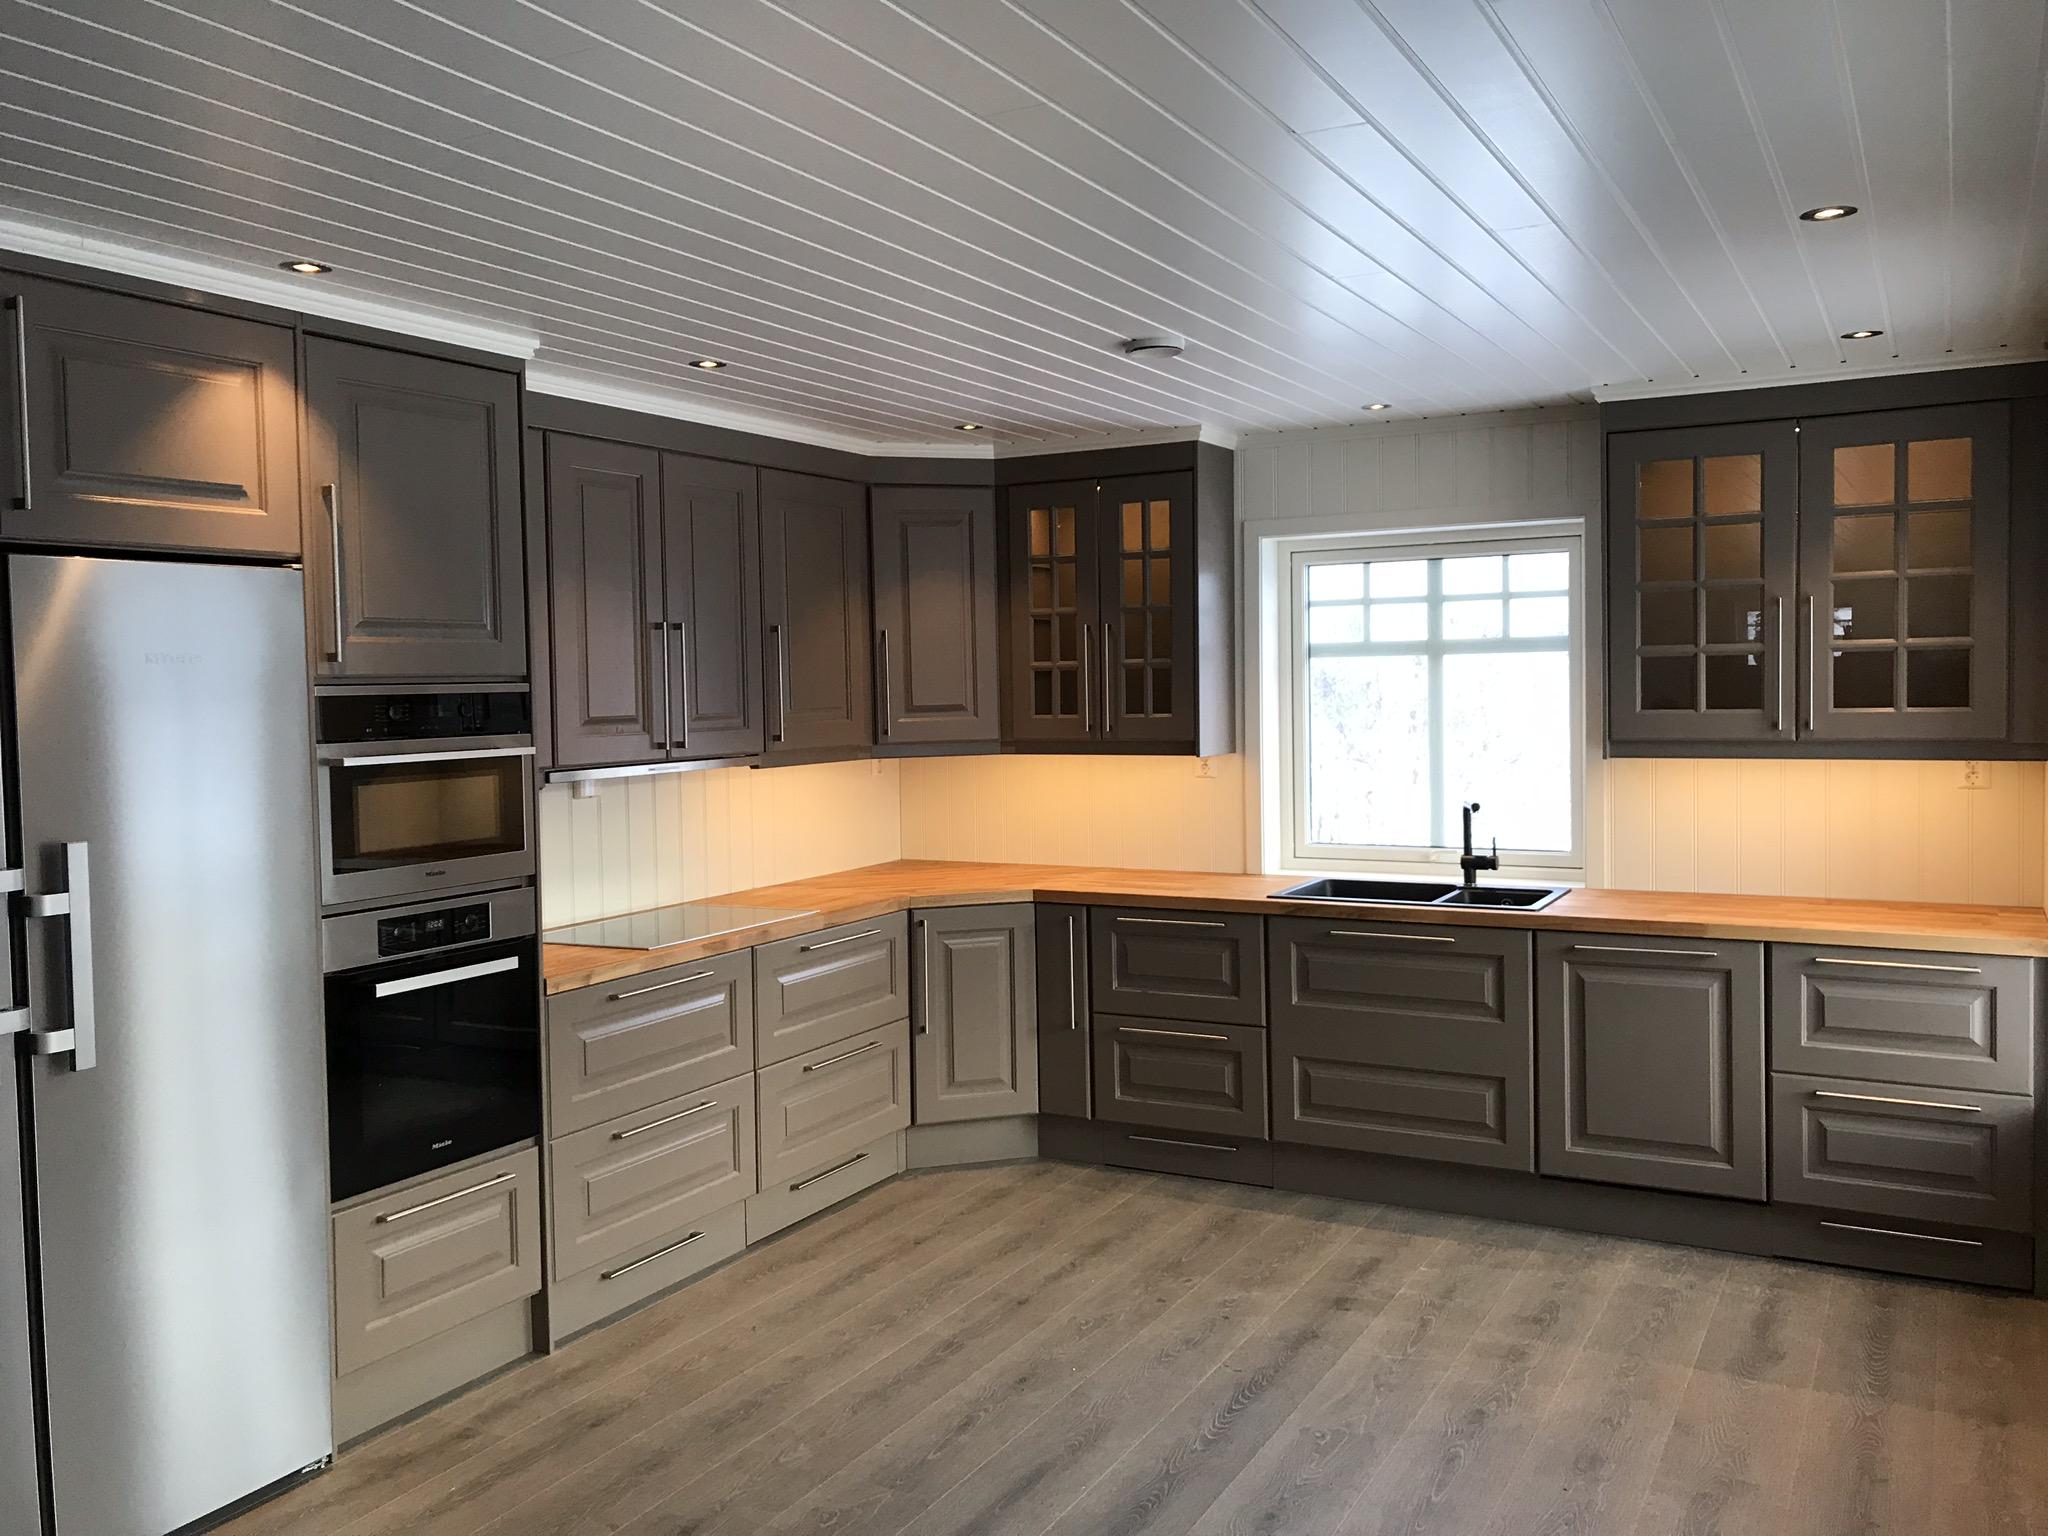 Kjøkkeninnredning levert sammen med hvitevarer og vask.